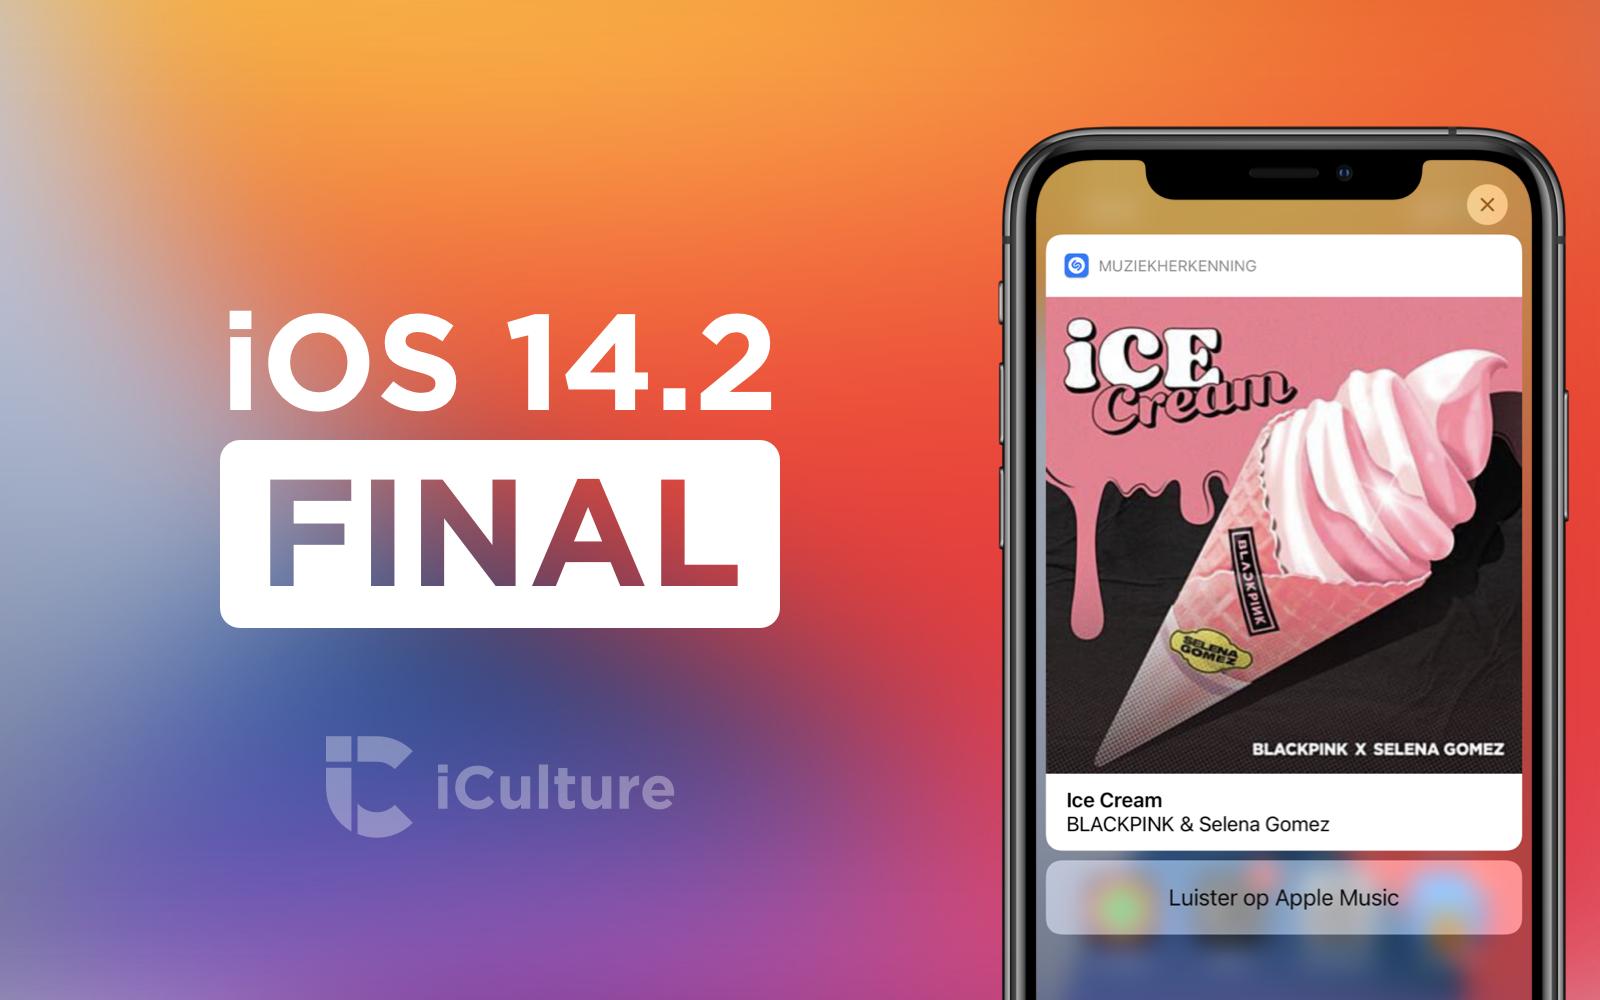 iOS 14.2 Final.